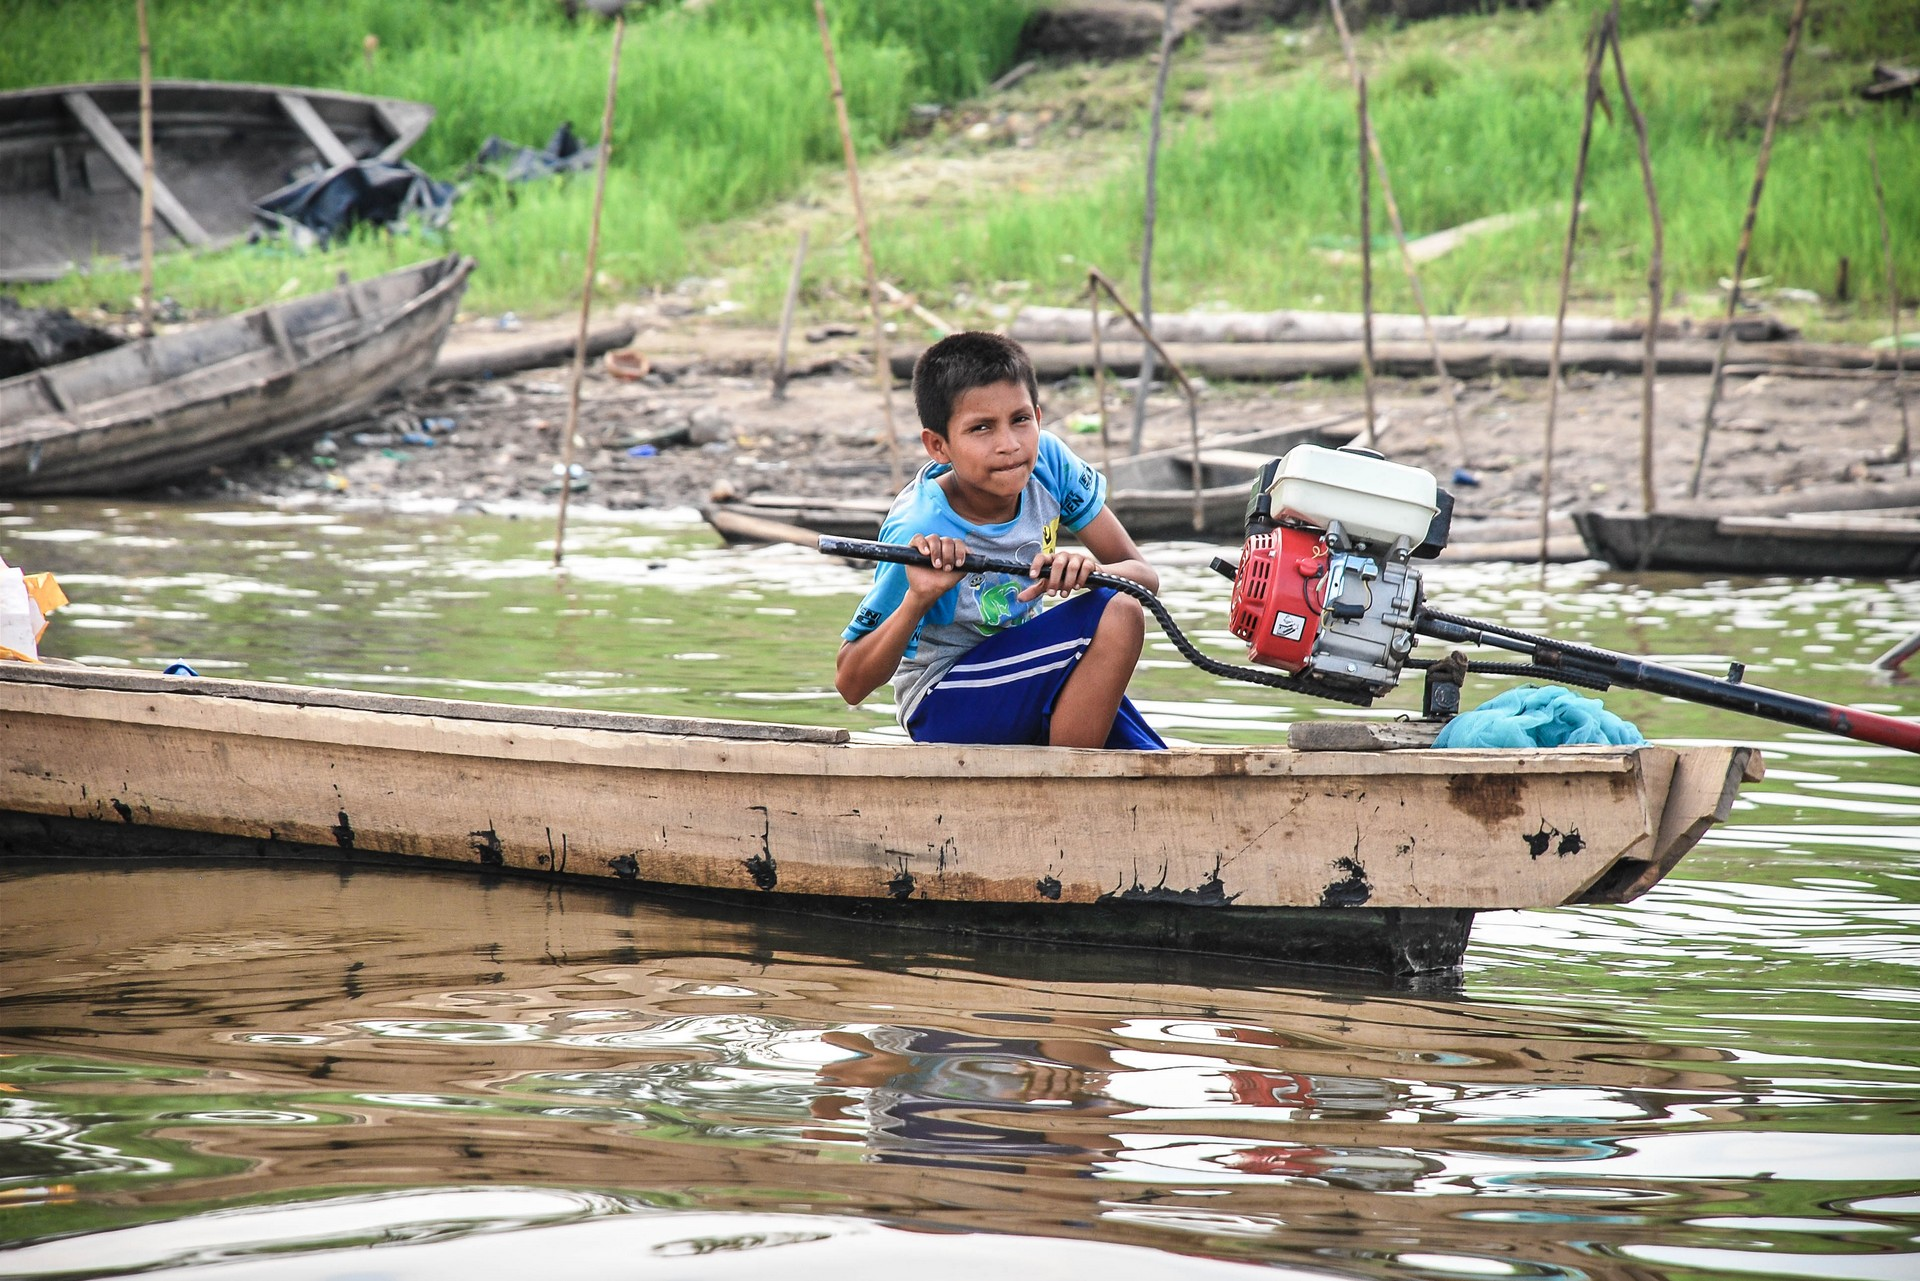 Amazzonia, Iquitos. Foto di Yofre E. Morales